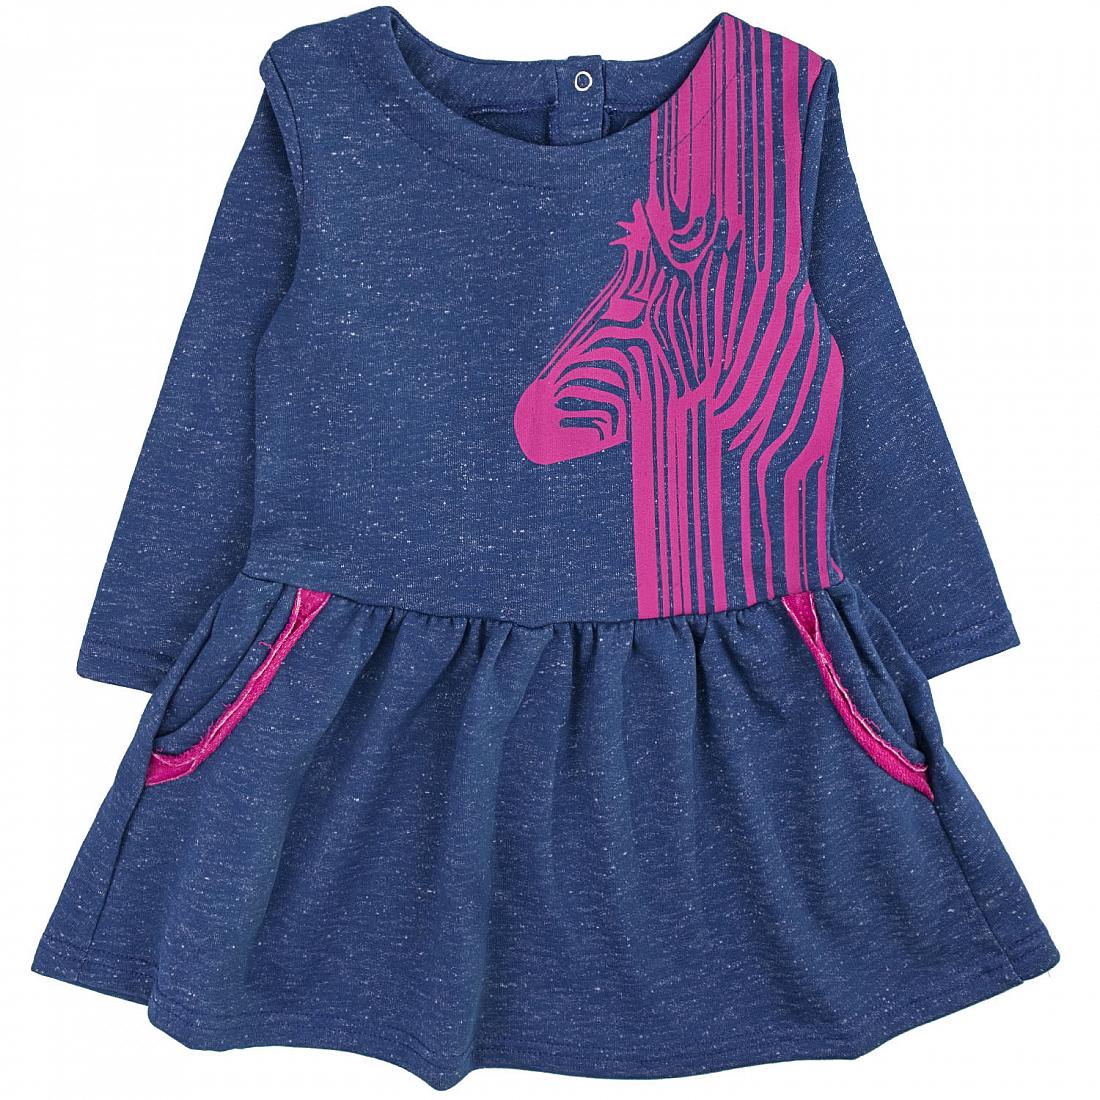 Купить 731фд ап, Платье детское Юлла, цв. синий р. 122, Платья для девочек